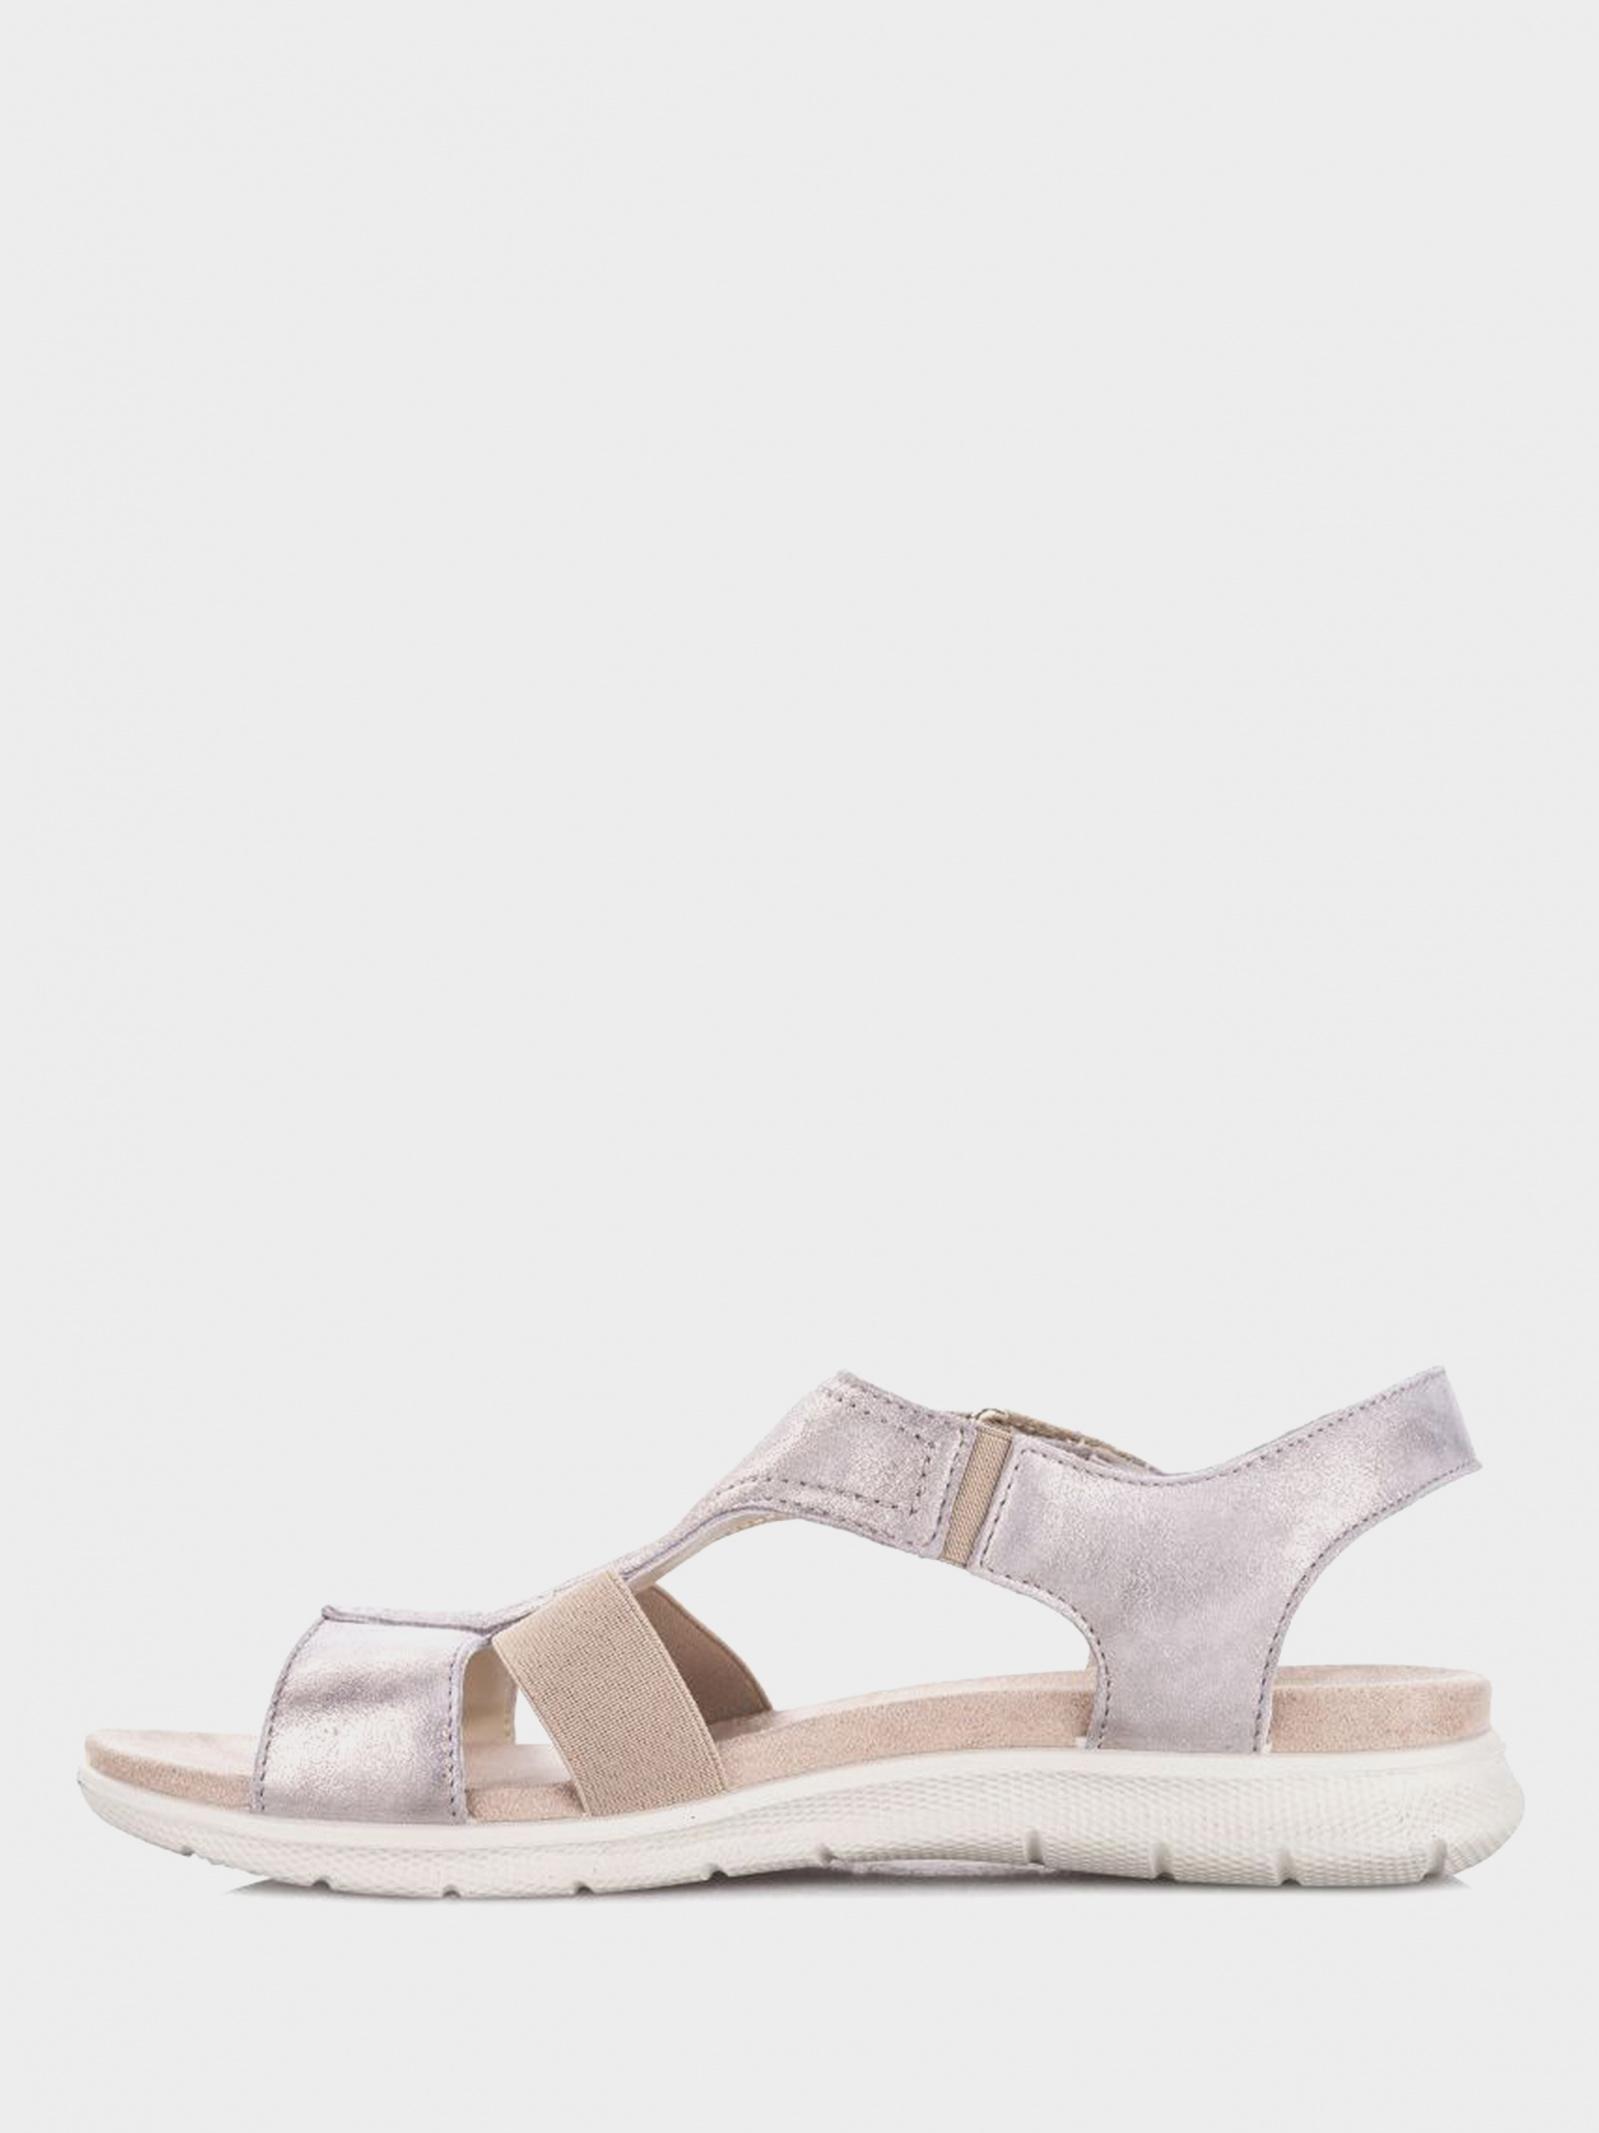 Сандалі  для жінок IMAC 3085200 5597/013 брендове взуття, 2017